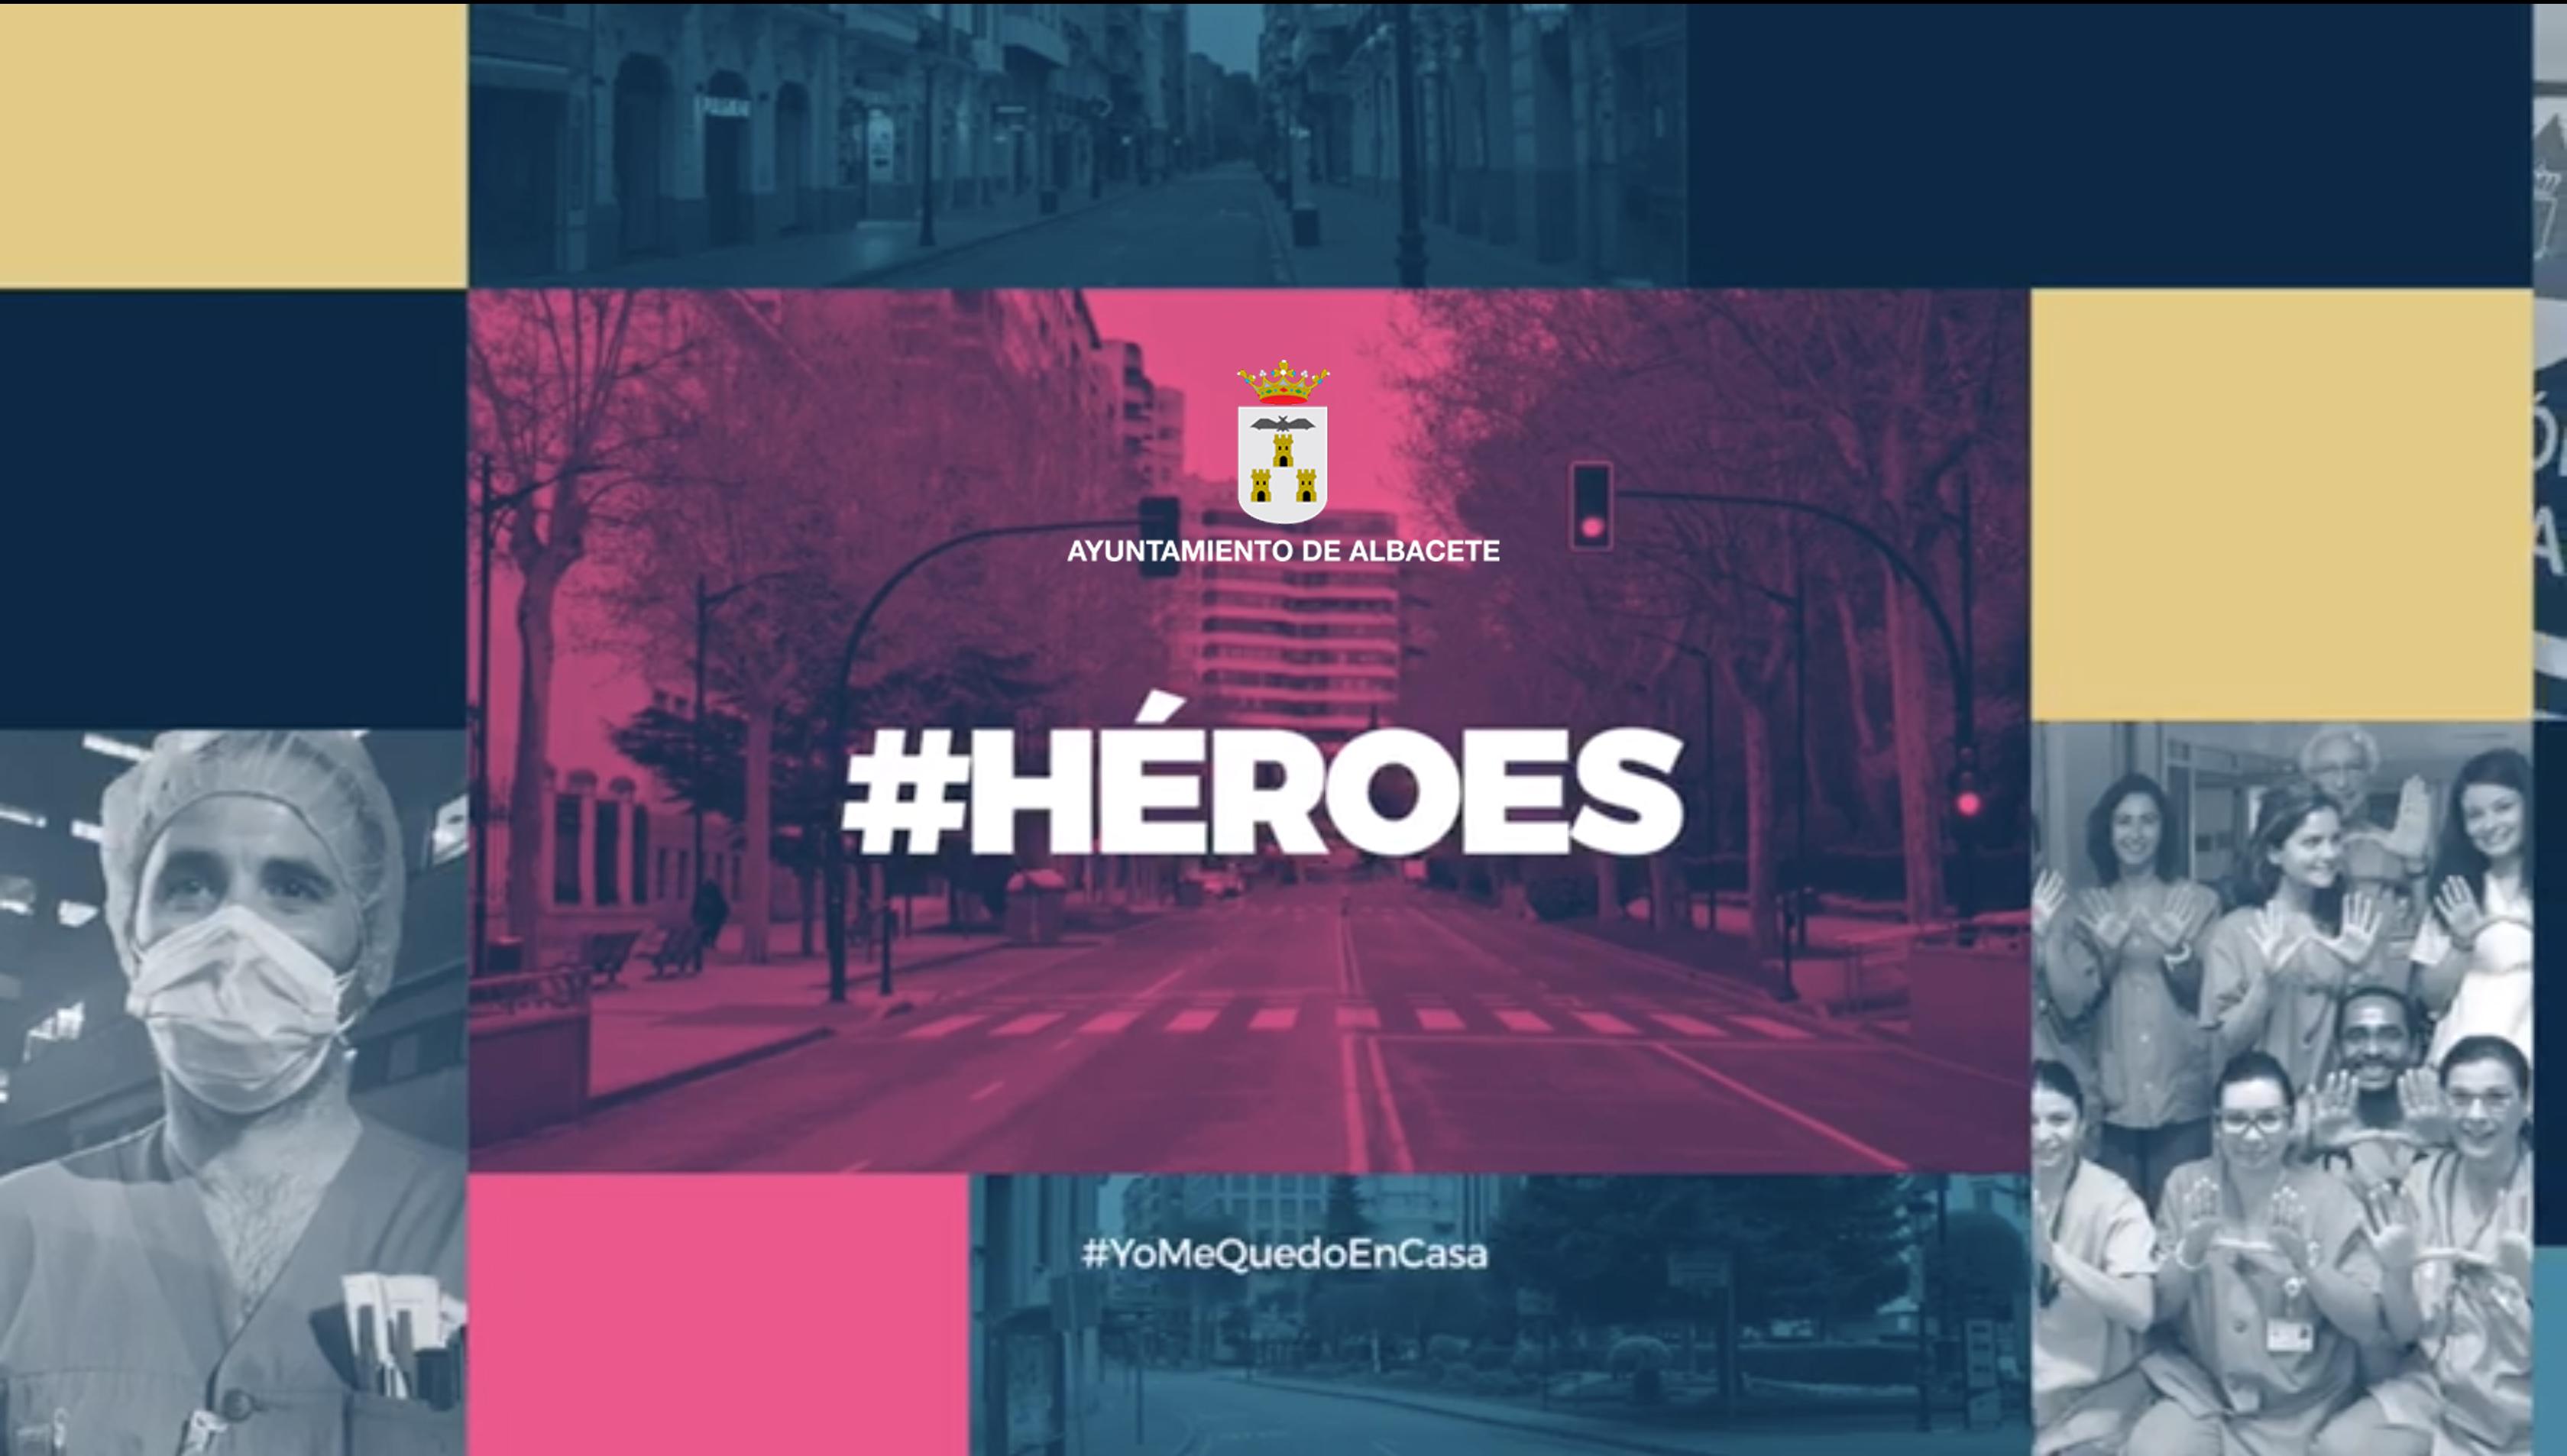 El Ayuntamiento de Albacete hace una campaña institucional sobre el Covid-19 #Héroes